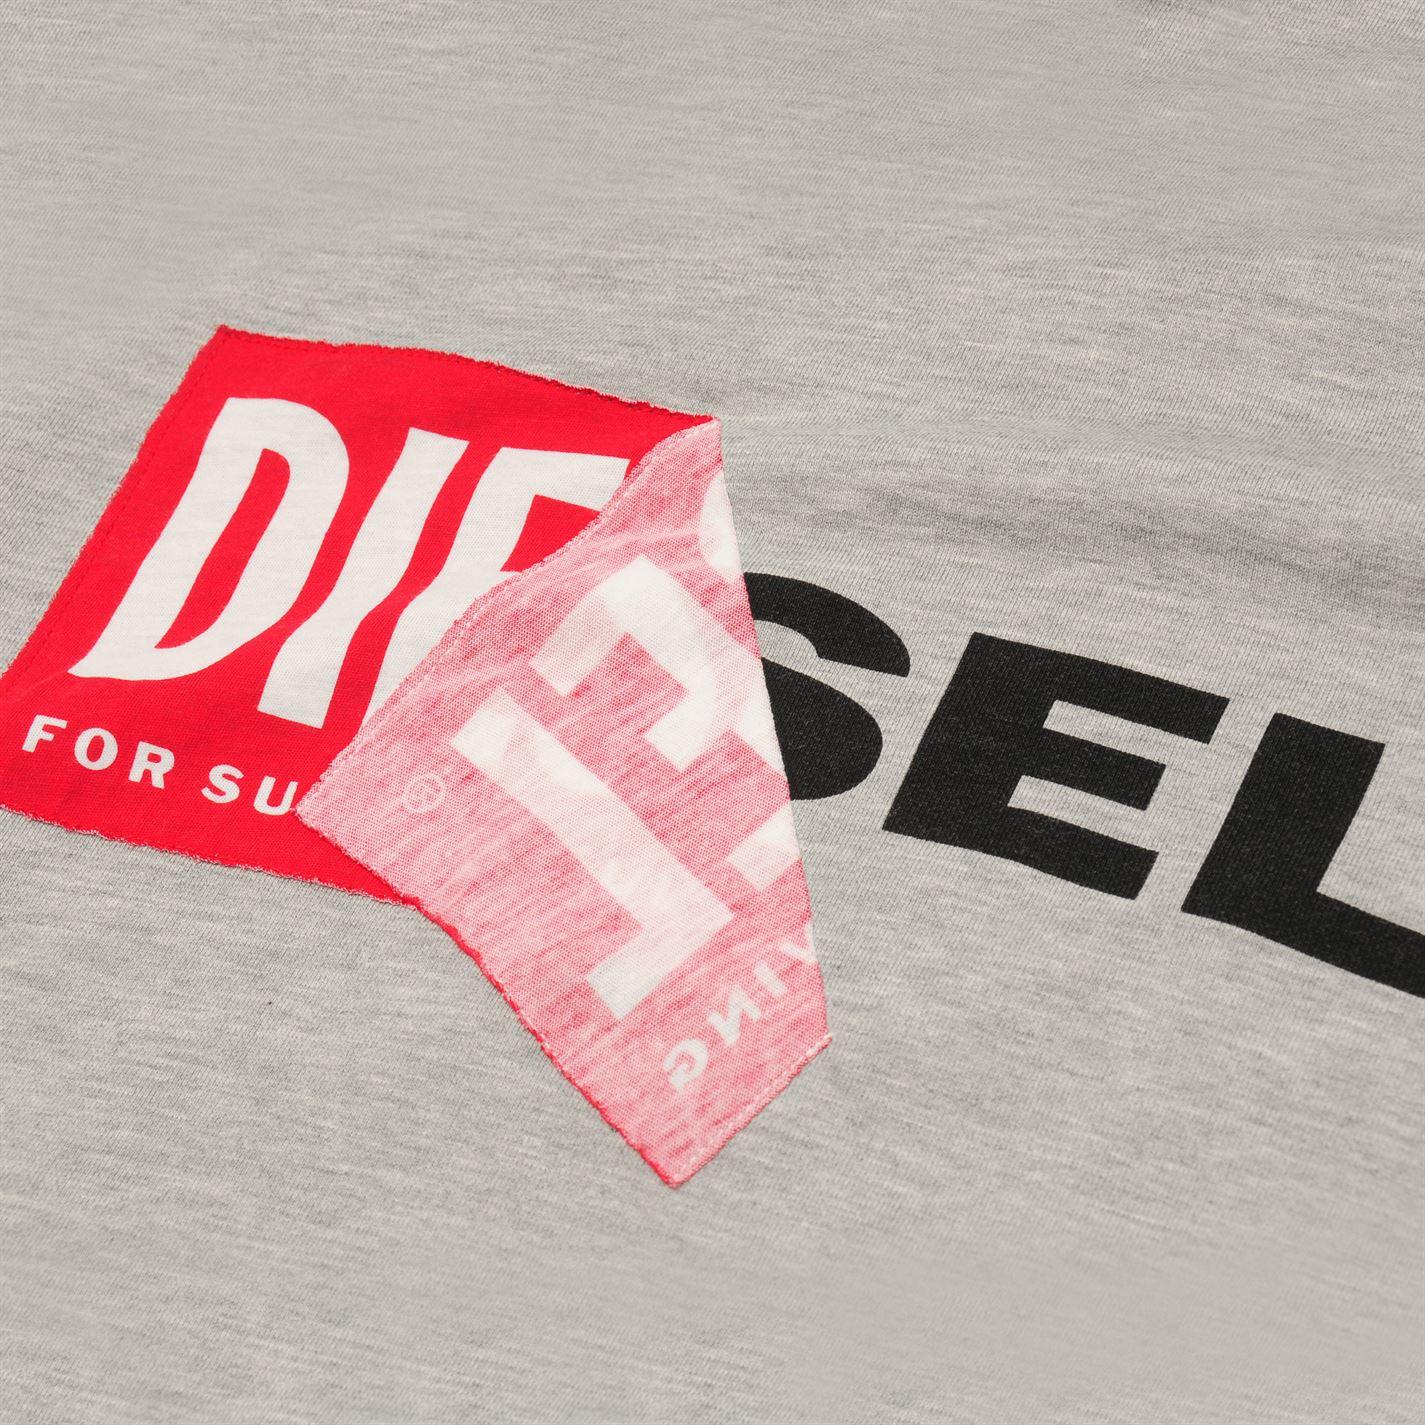 48c39fc5e7df Diesel Logo Hooded Sweatshirt Mens Gents OTH Hoodie T Shirt Tee Top ...